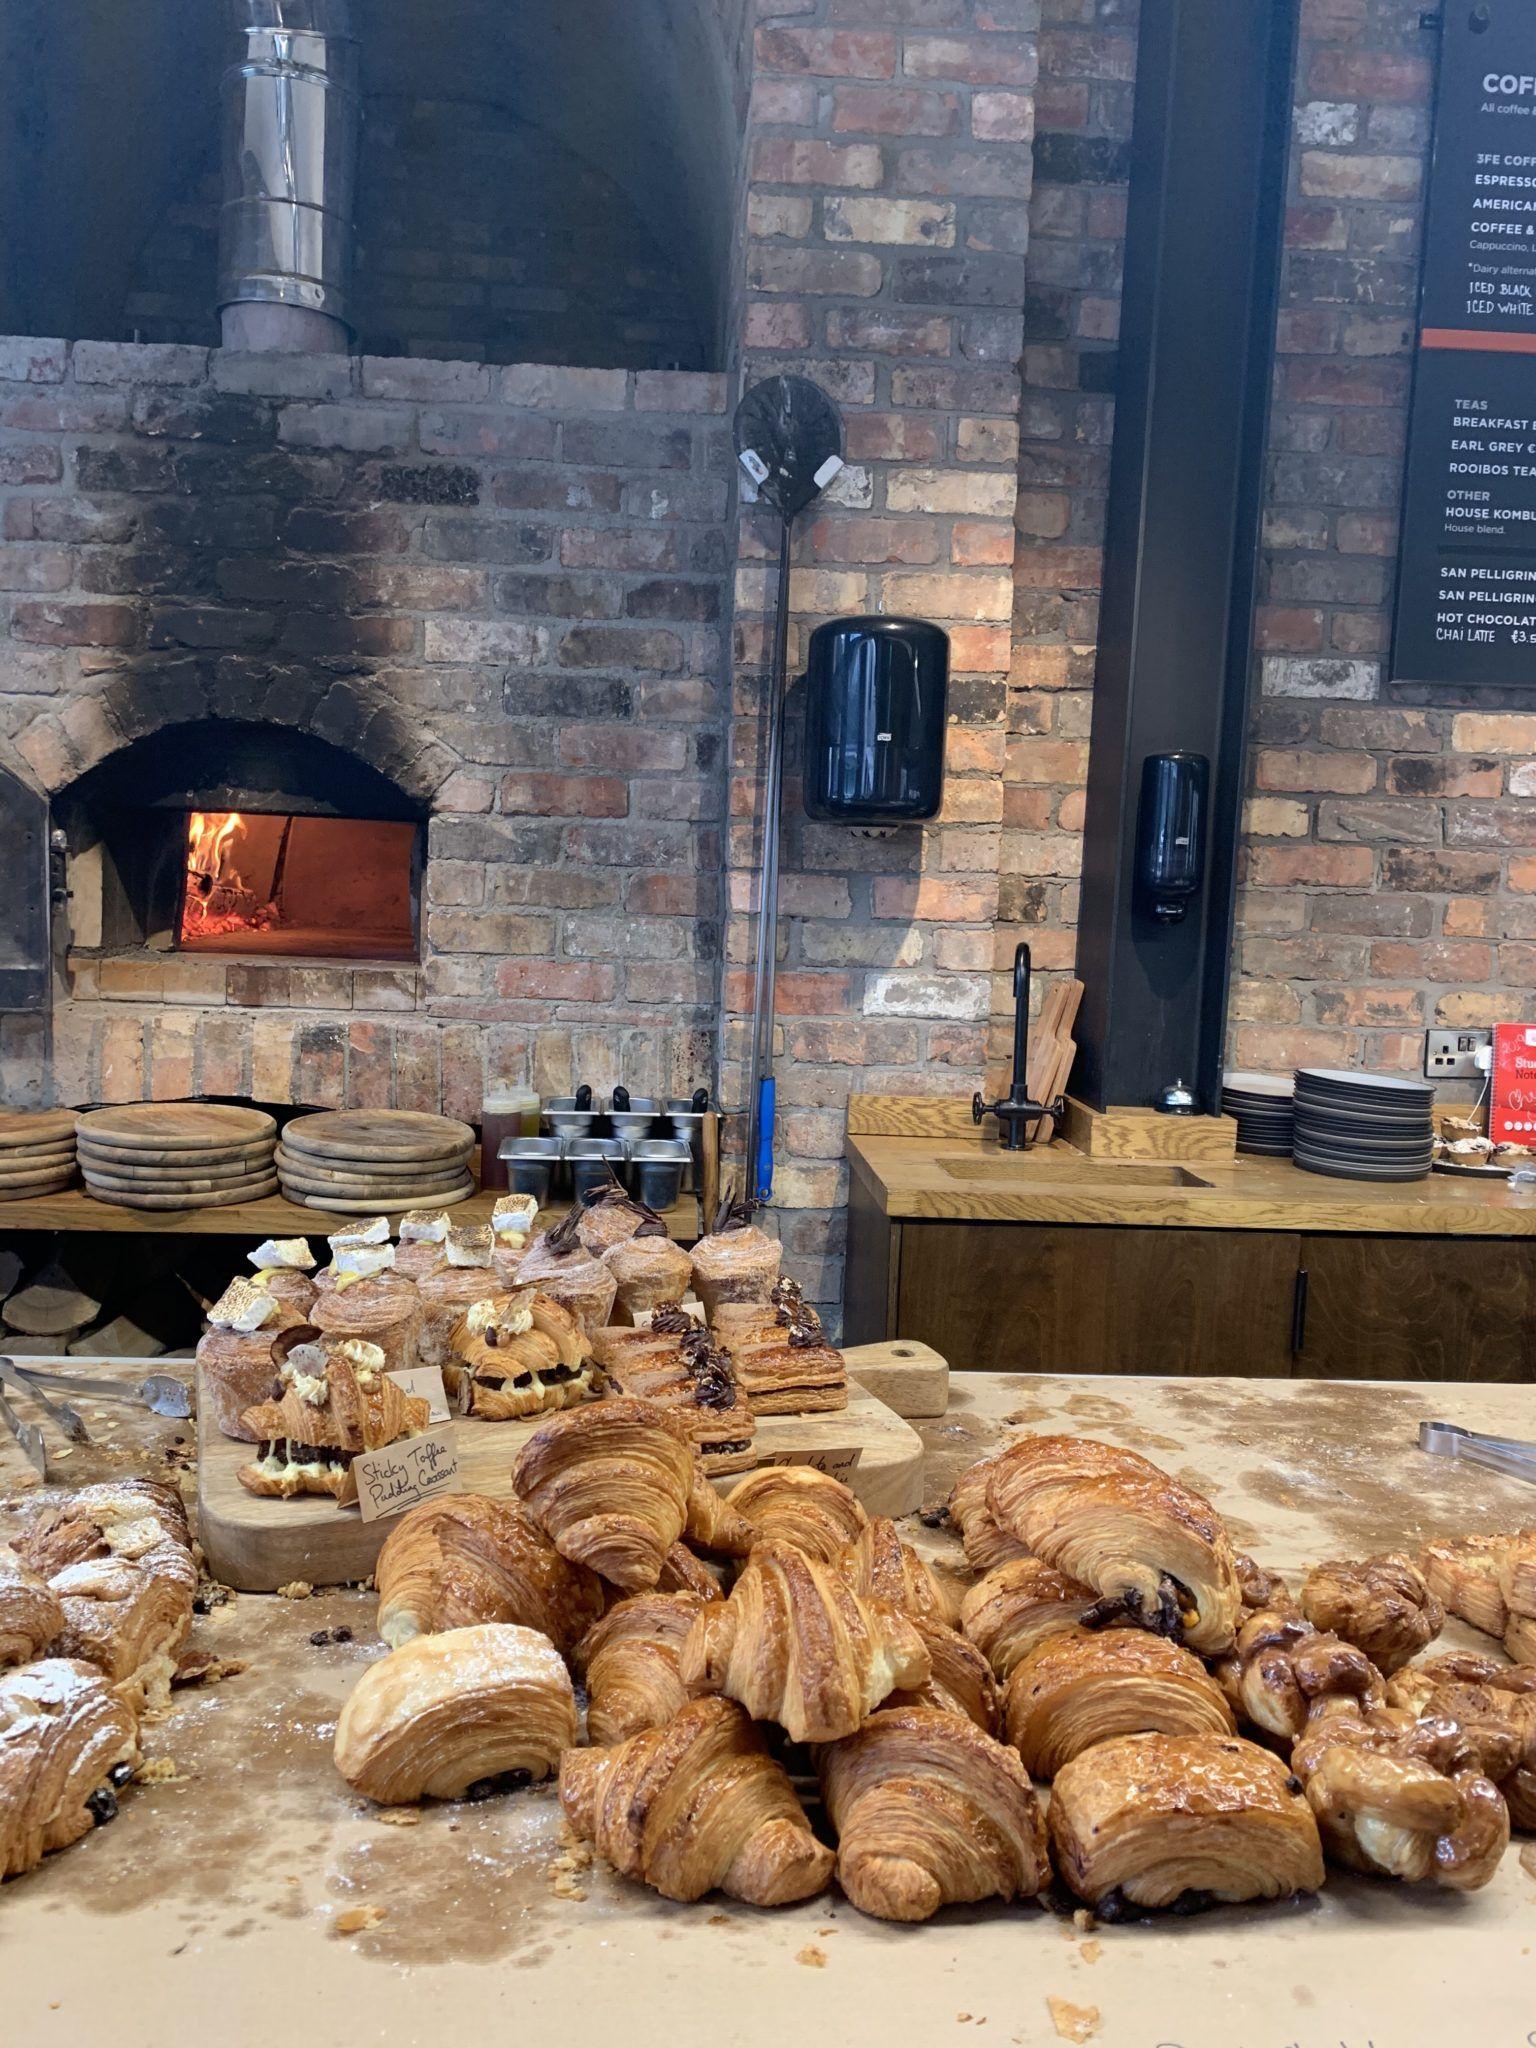 Bread 41 counter